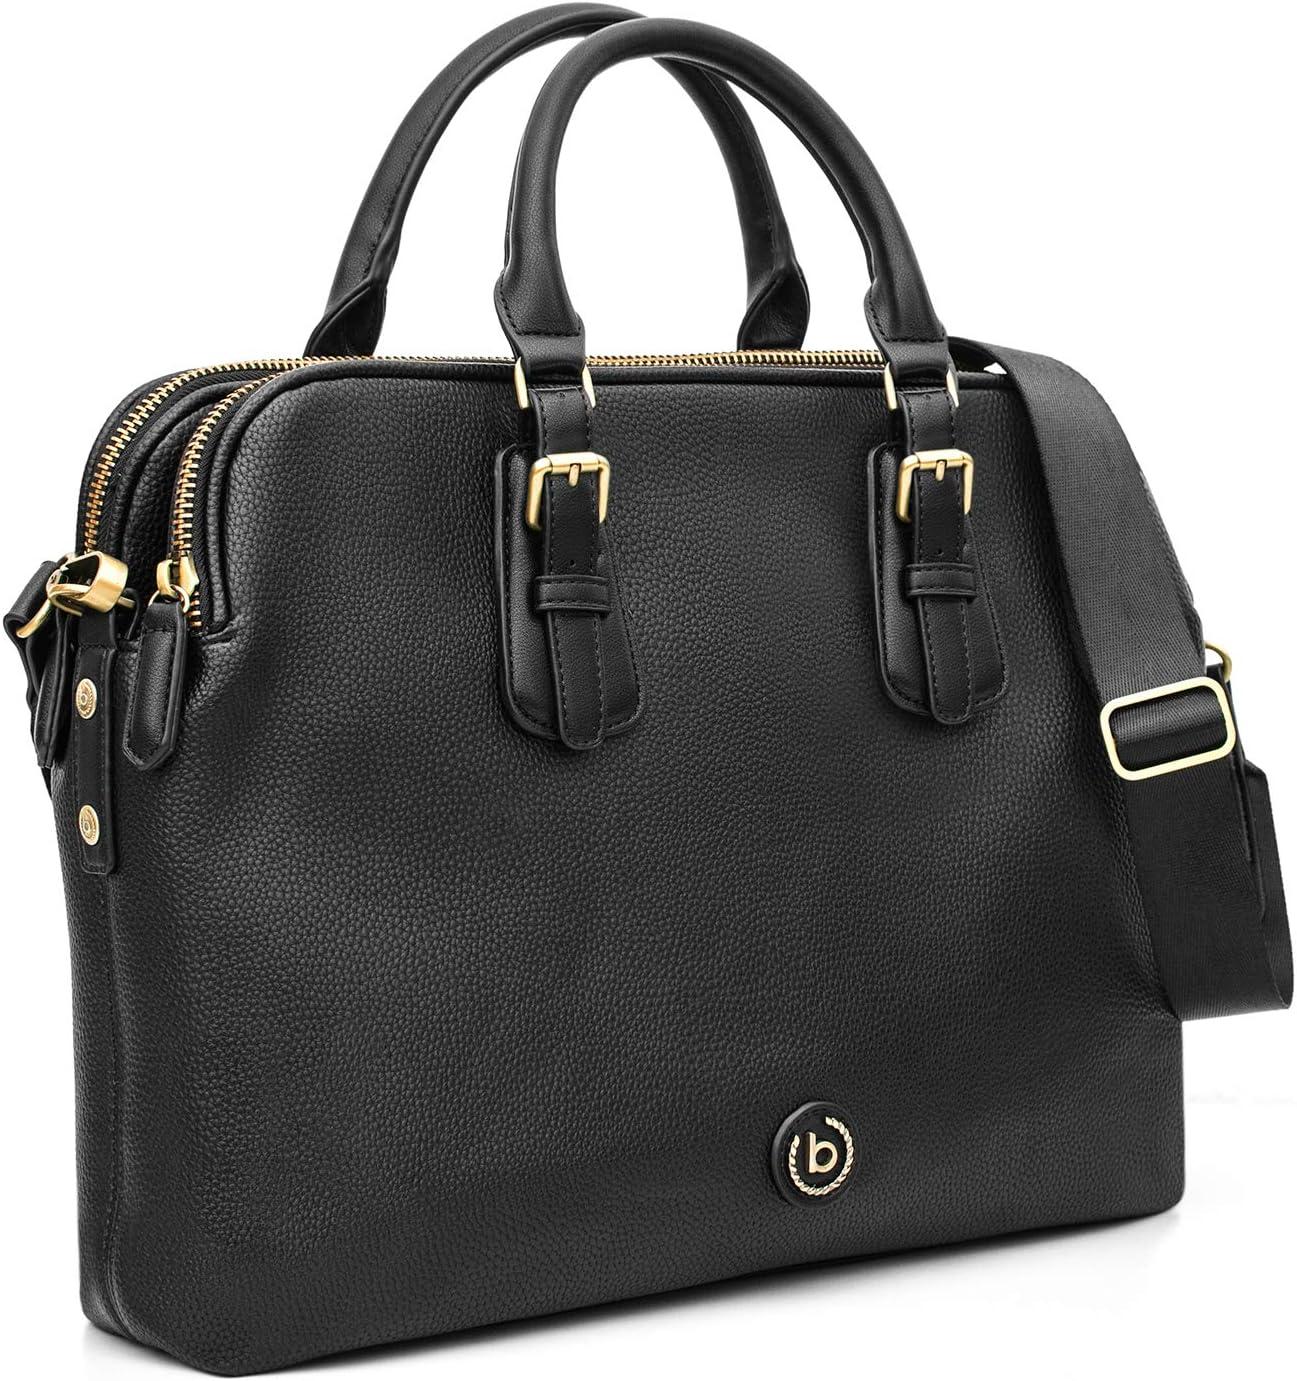 Bugatti Passione Aktentasche Damen aus Kunstleder mit Laptopfach – Businesstasche Damen Laptoptasche – Bürotasche Lehrertasche in Schwarz: Amazon.de: Koffer - Arbeitstasche Damen